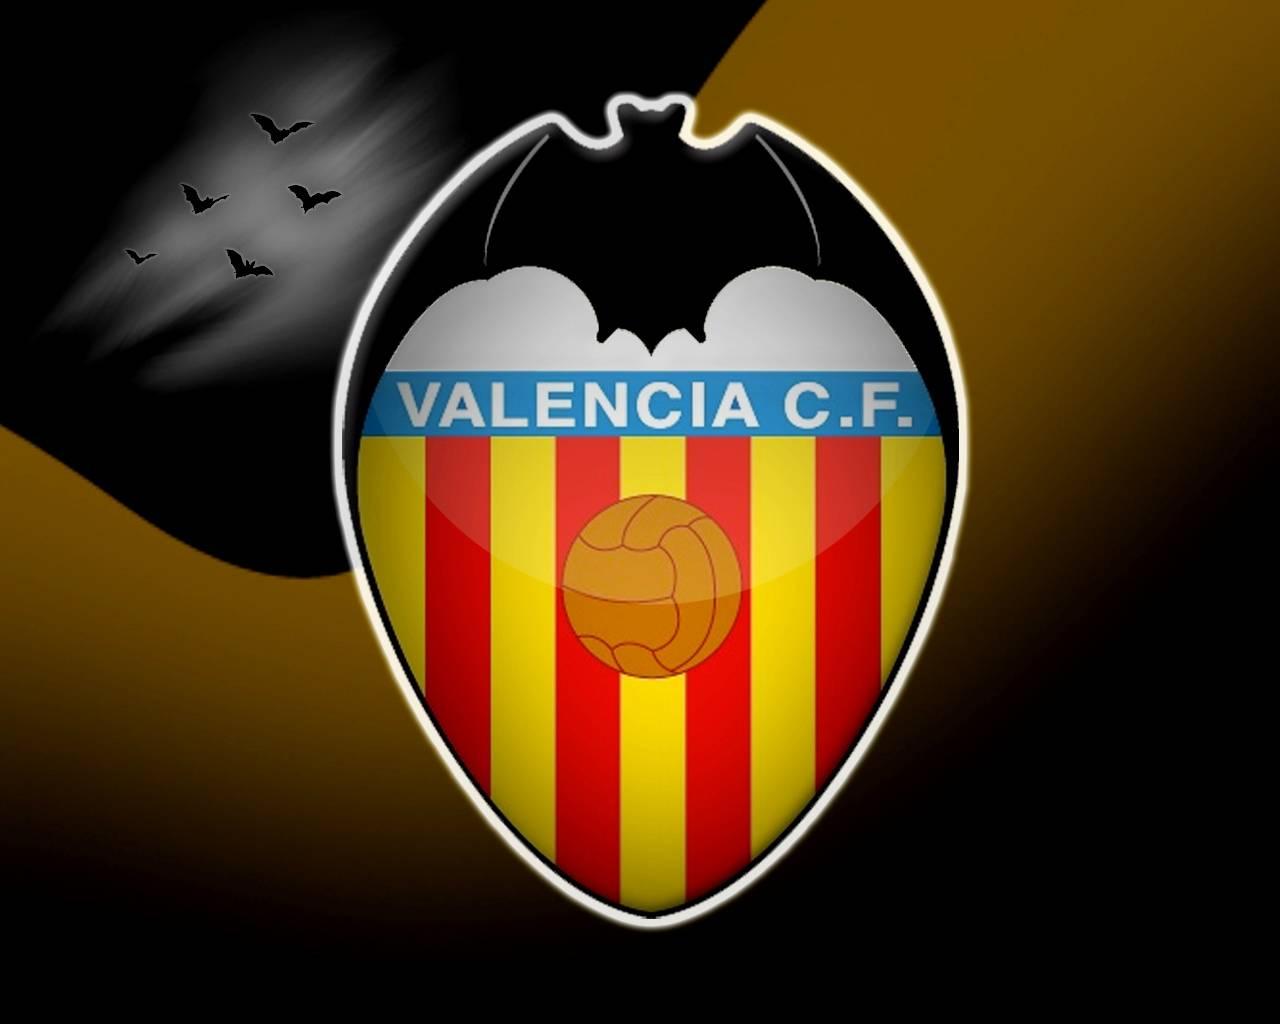 Город валенсия футбольные клубы